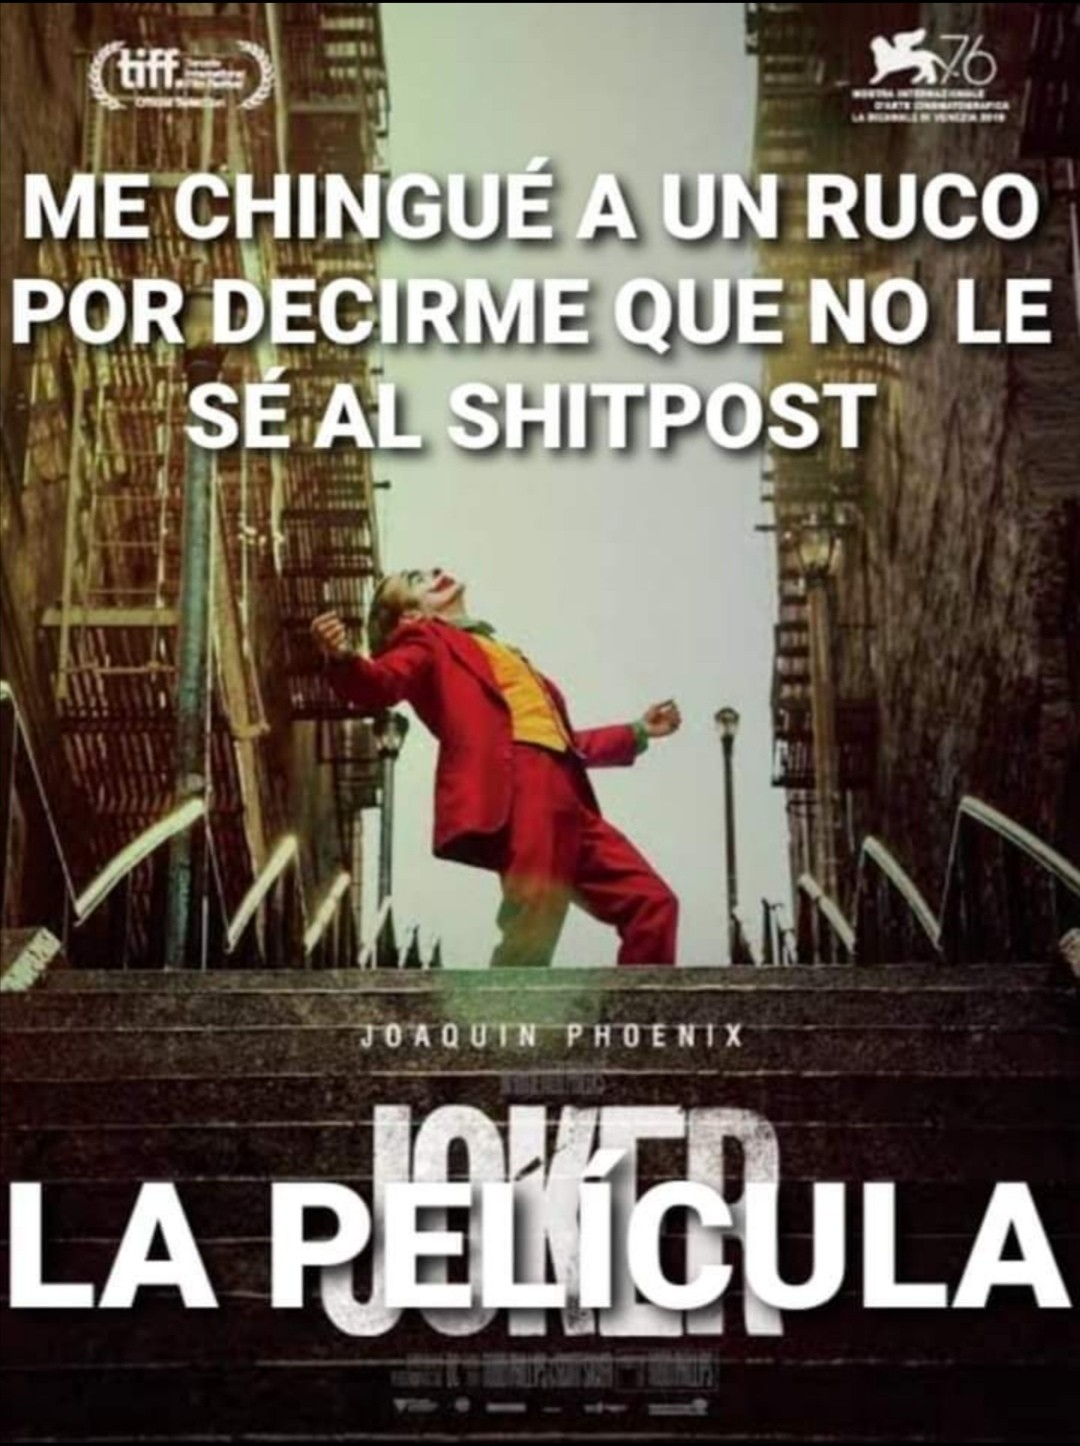 Robado de reddit - meme